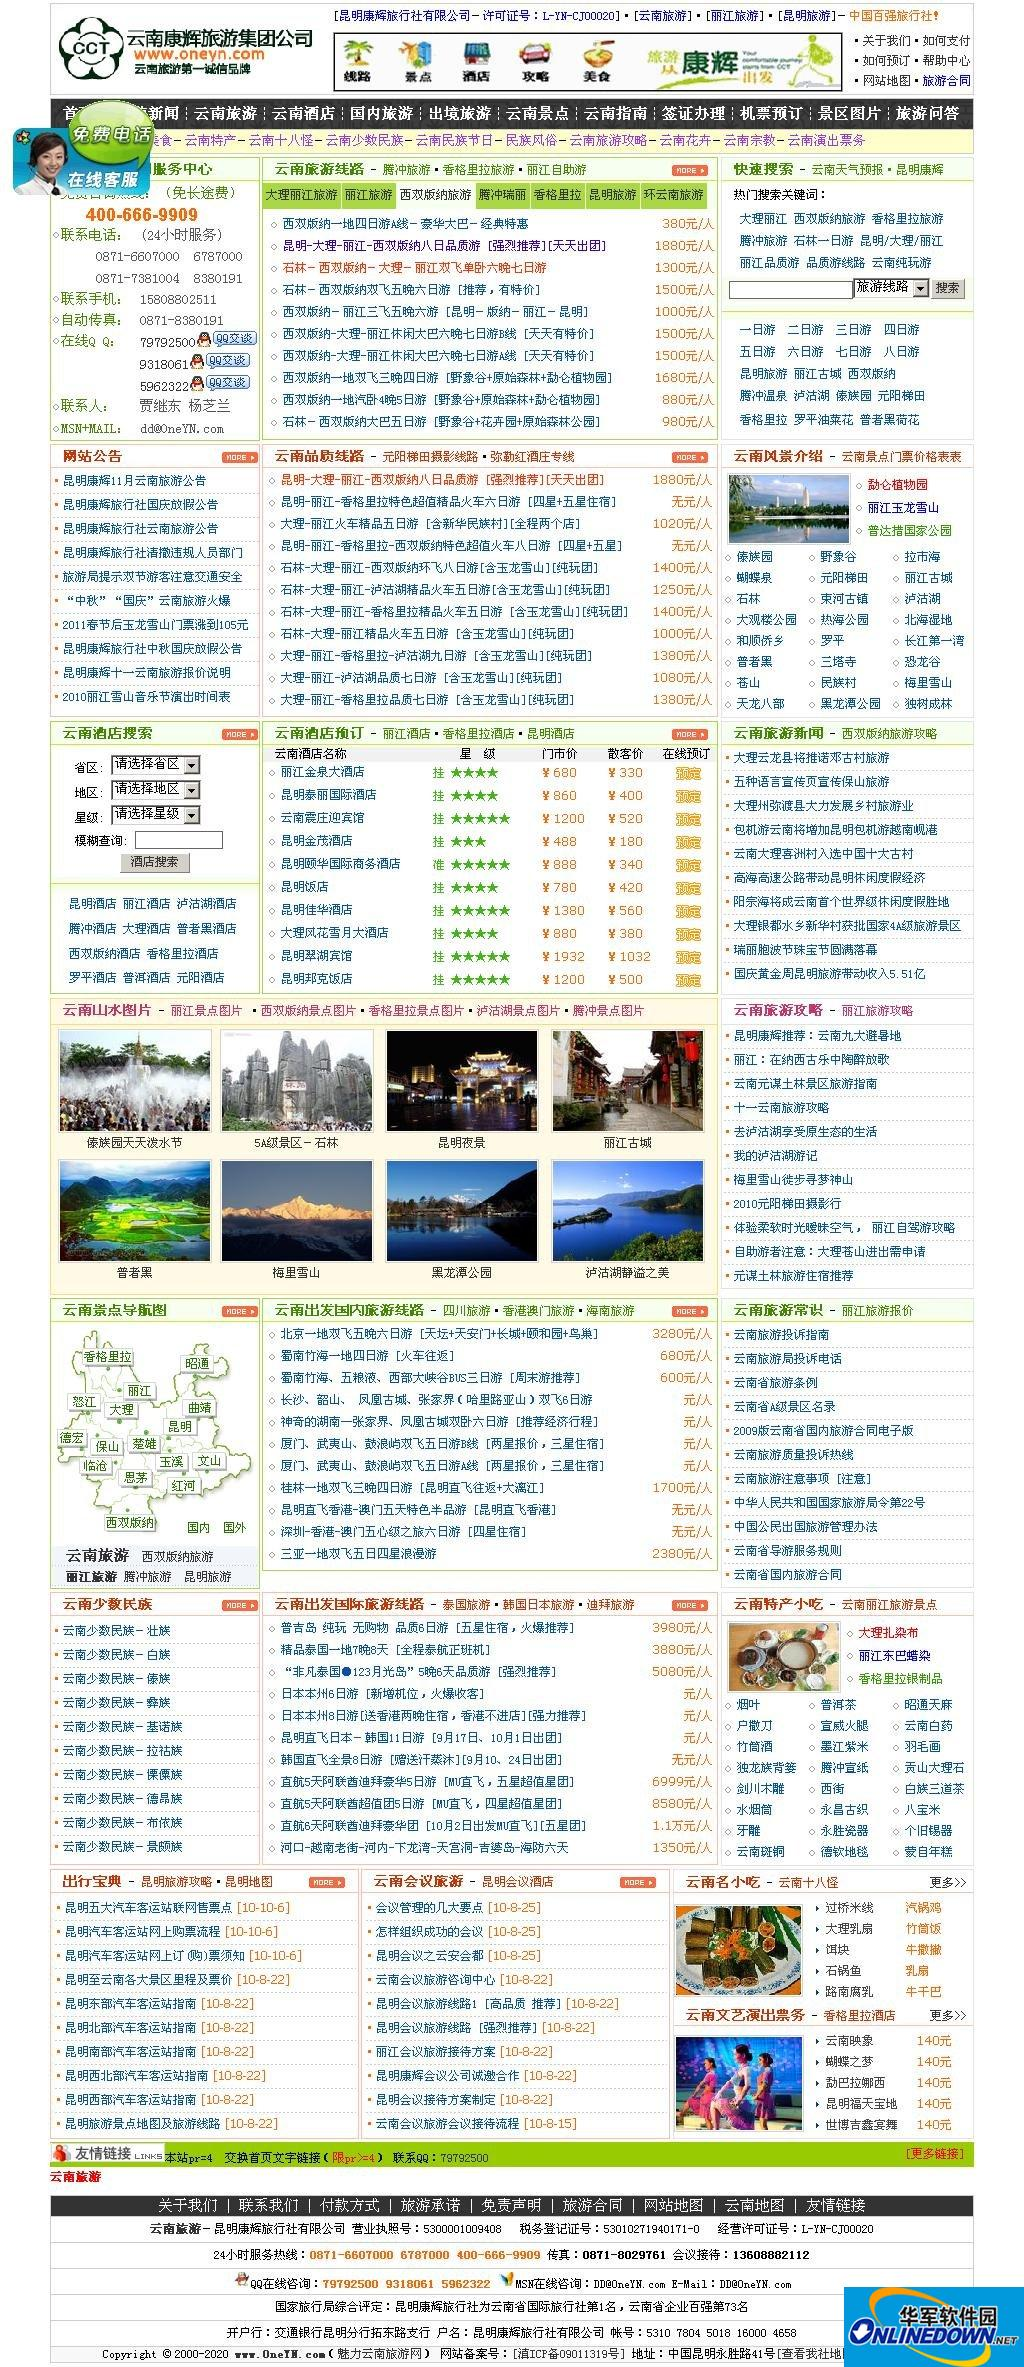 魅力云南旅游网全站 完整版